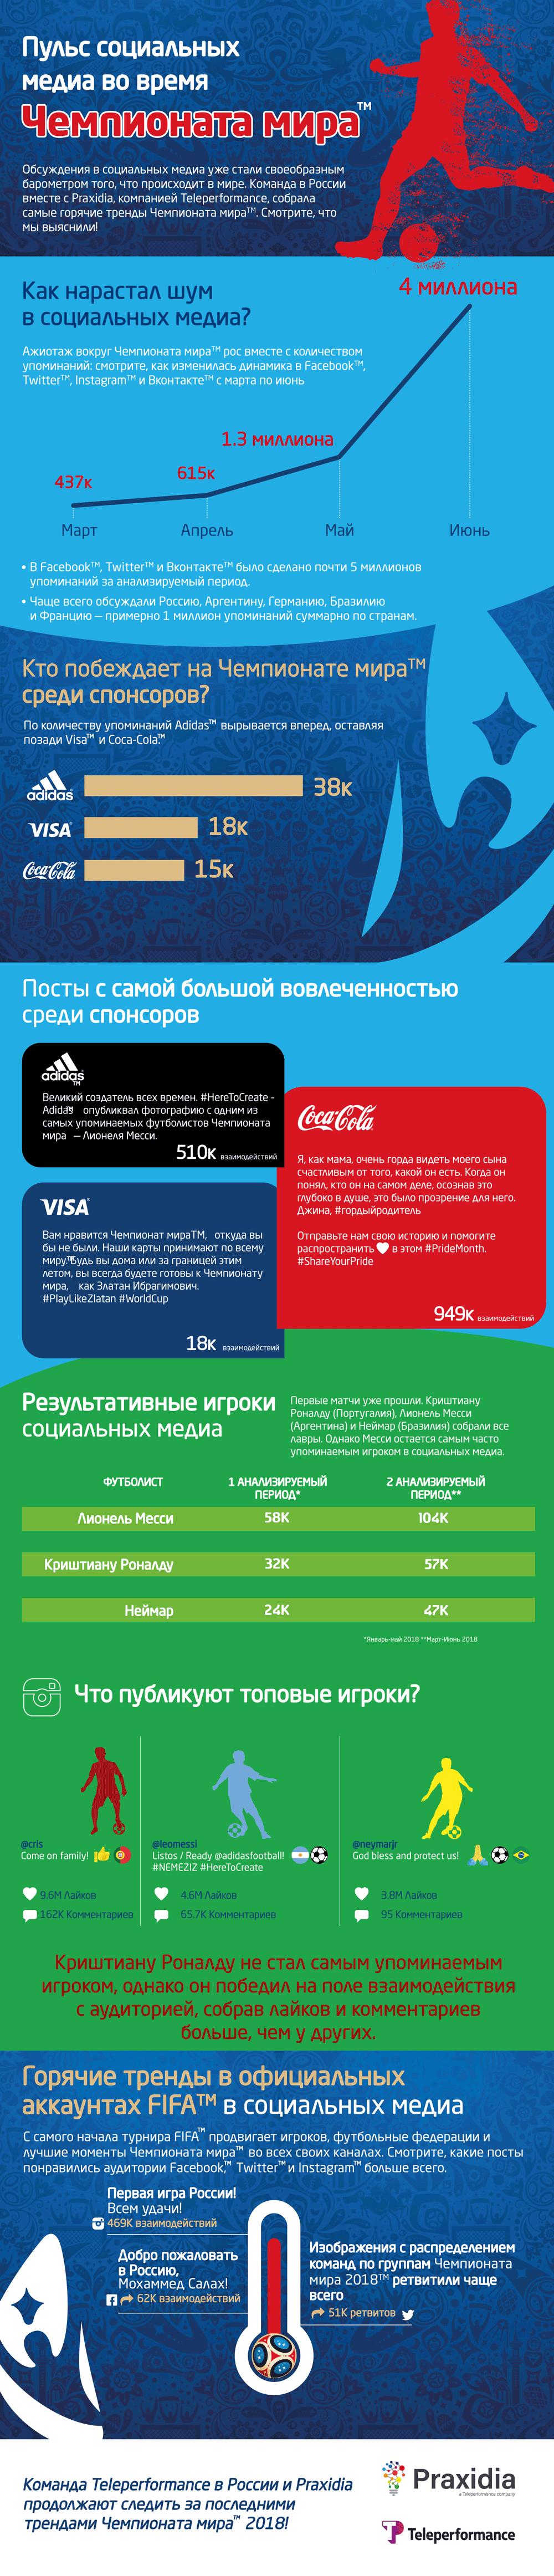 Мир объединился на Чемпионате мира 2018 в социальных медиа